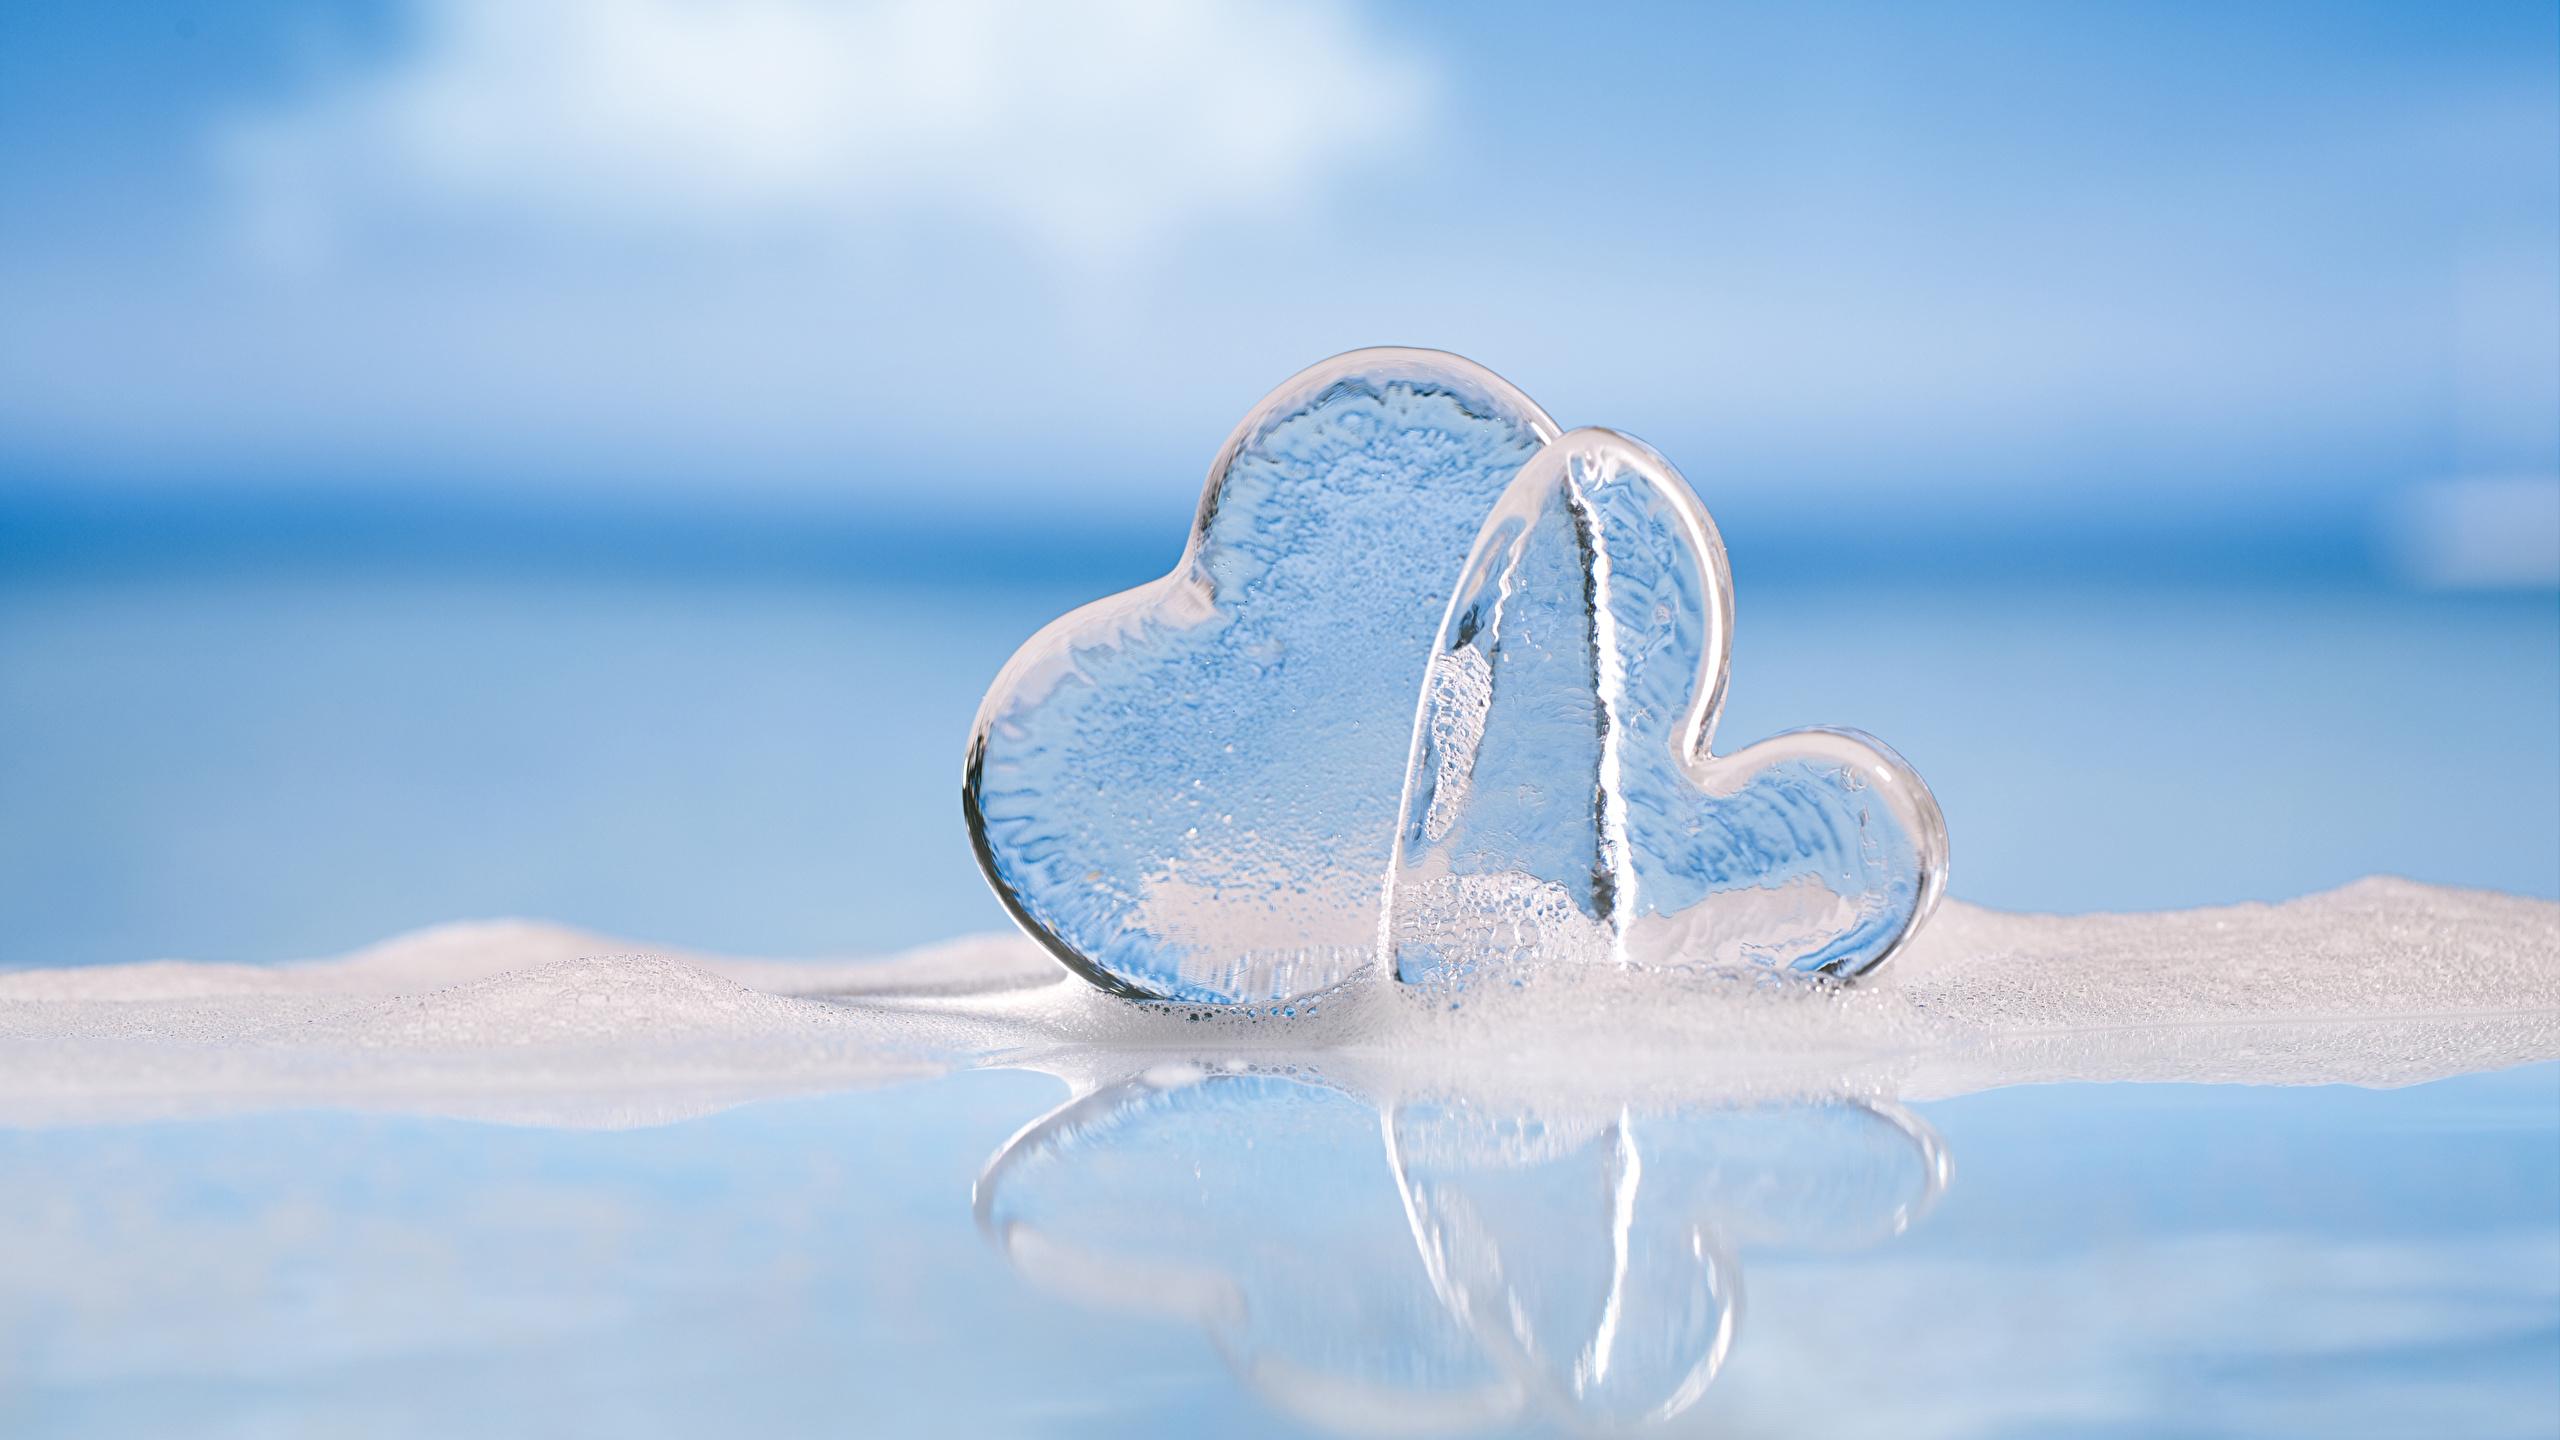 Fotos von Valentinstag Herz Eis 2 2560x1440 Zwei